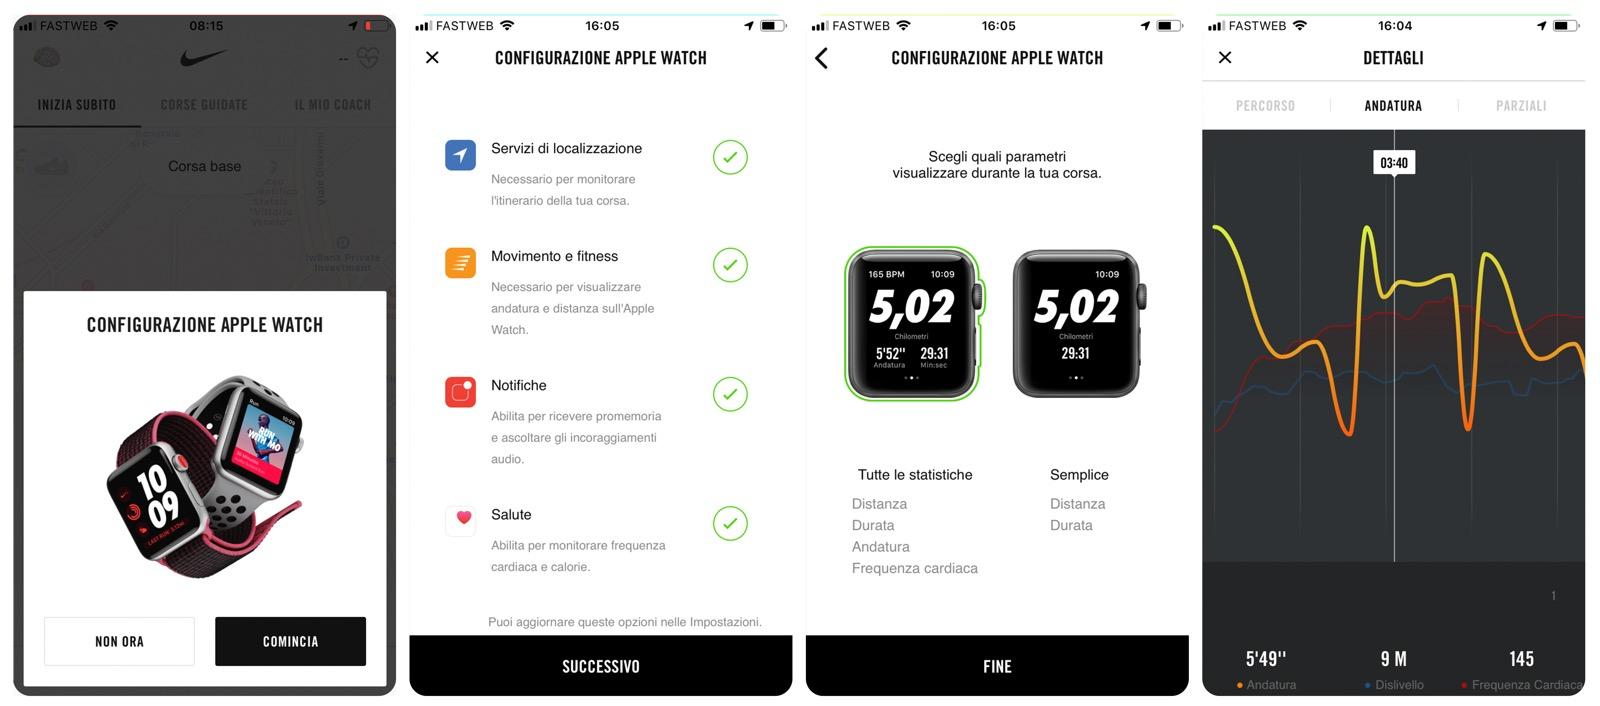 l'applicazione Nike per apple watch